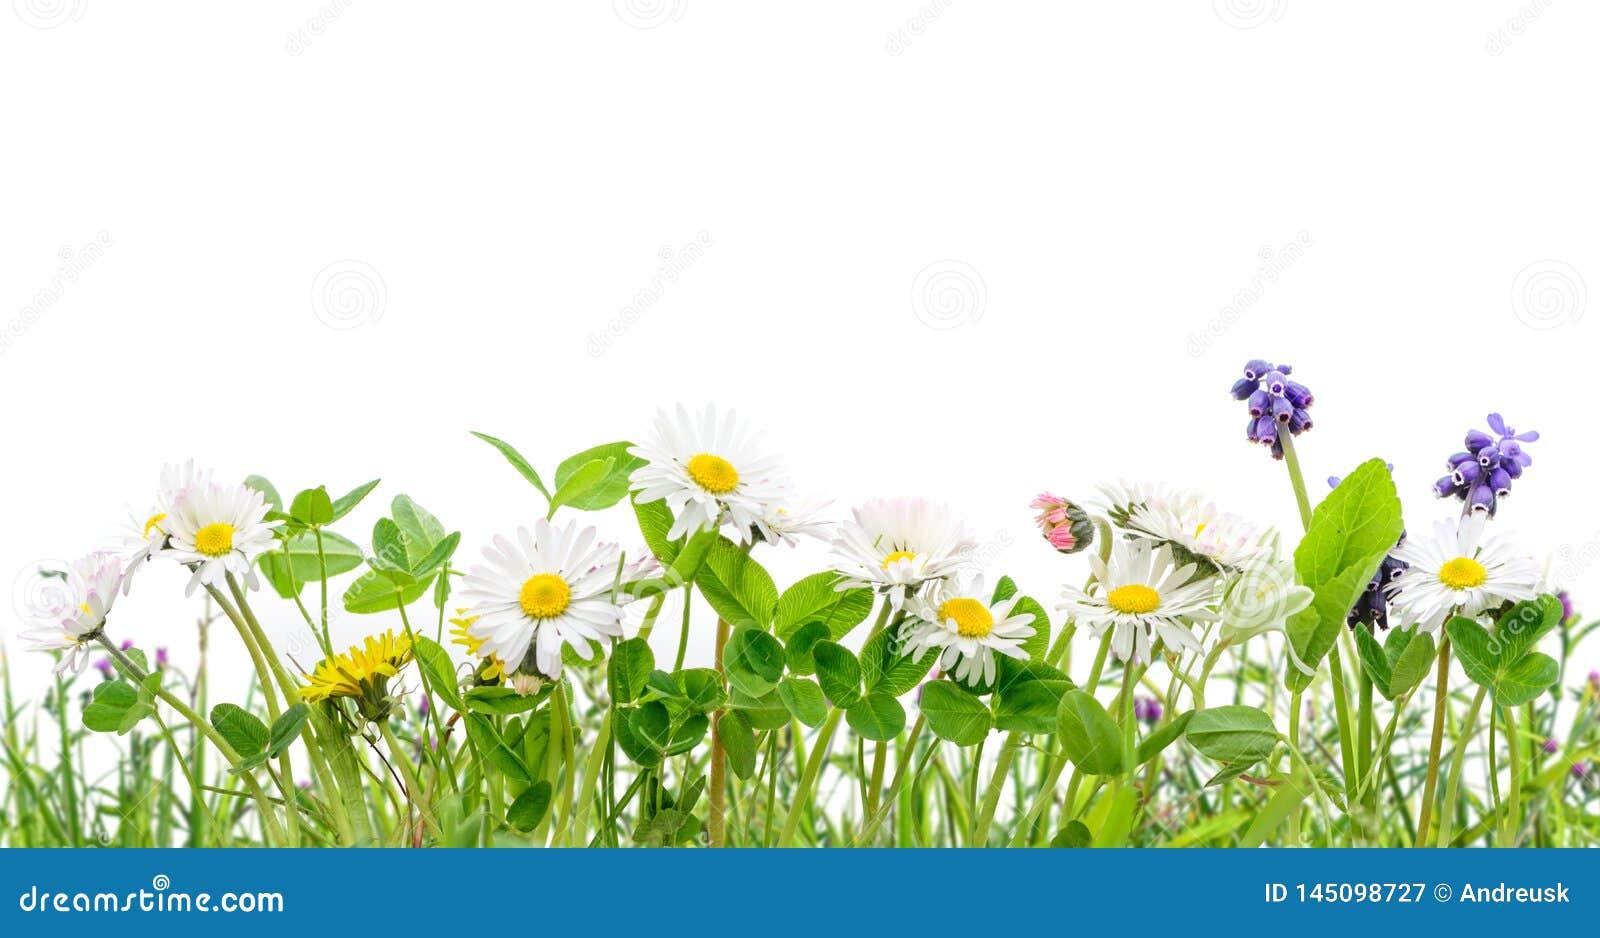 Χλόη άνοιξη και απομονωμένο wildflowers υπόβαθρο μαργαριτών